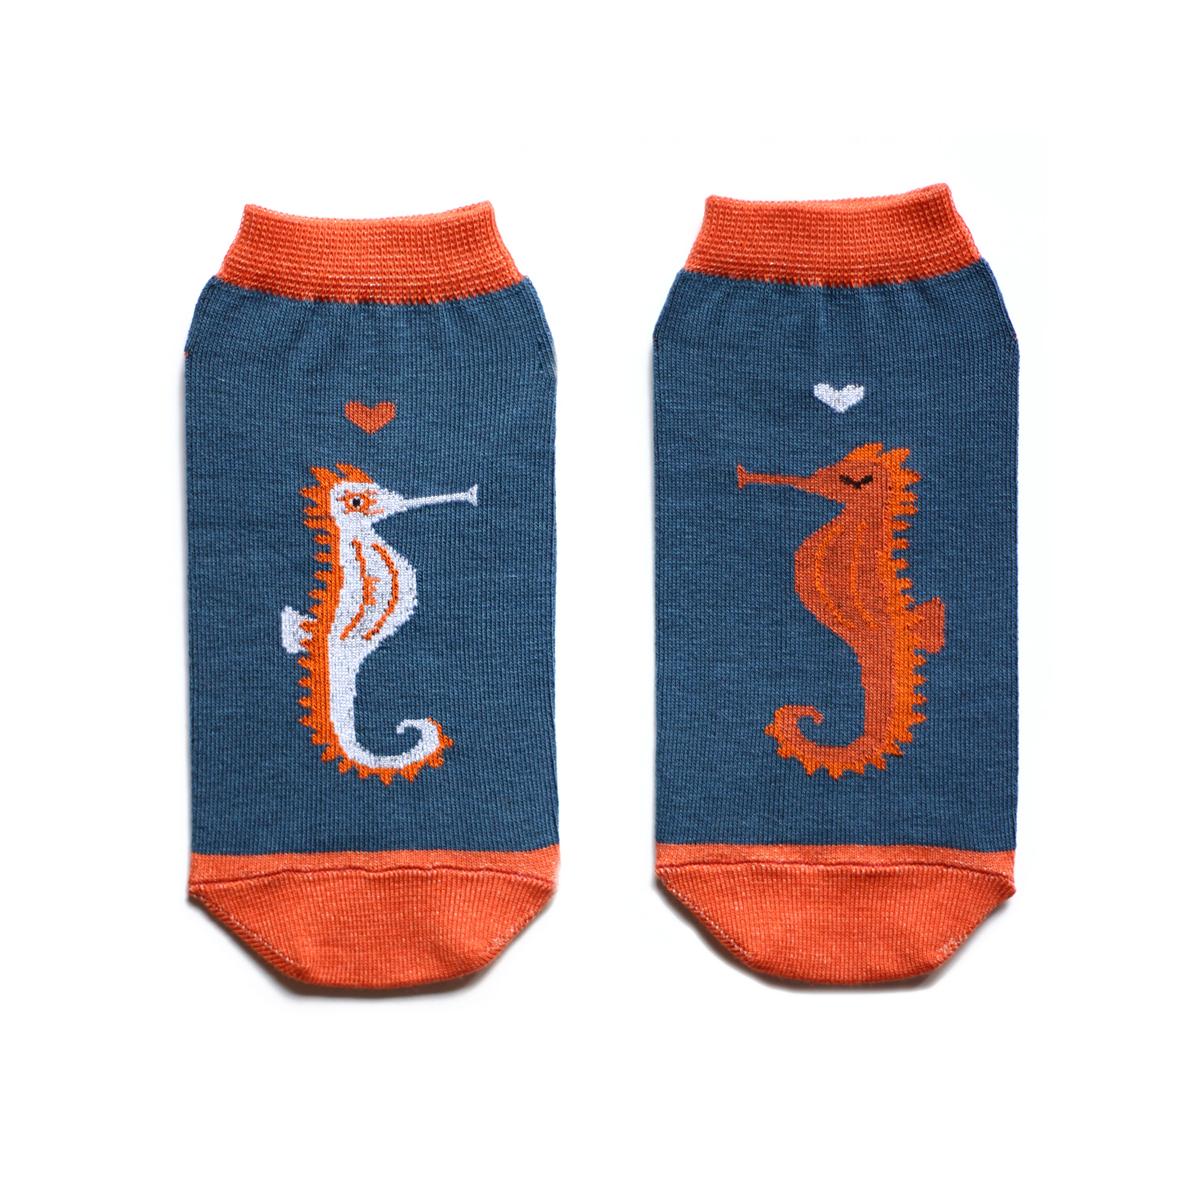 Носки женские Big Bang Socks, цвет: синий, оранжевый. ca1922. Размер 35/39ca1922Укороченные женские носки Big Bang Socks изготовлены из высококачественного хлопка с добавлением полиамидных и эластановых волокон, которые обеспечивают великолепную посадку. Носки отличаются ярким стильным дизайном, они оформлены изображением морских коньков. Удобная резинка идеально облегает ногу и не пережимает сосуды, а усиленные пятка и мысок повышают износоустойчивость носка. Дизайнерские носки Big Bang Socks - яркая деталь в вашем образе и оригинальный подарок для друзей и близких.